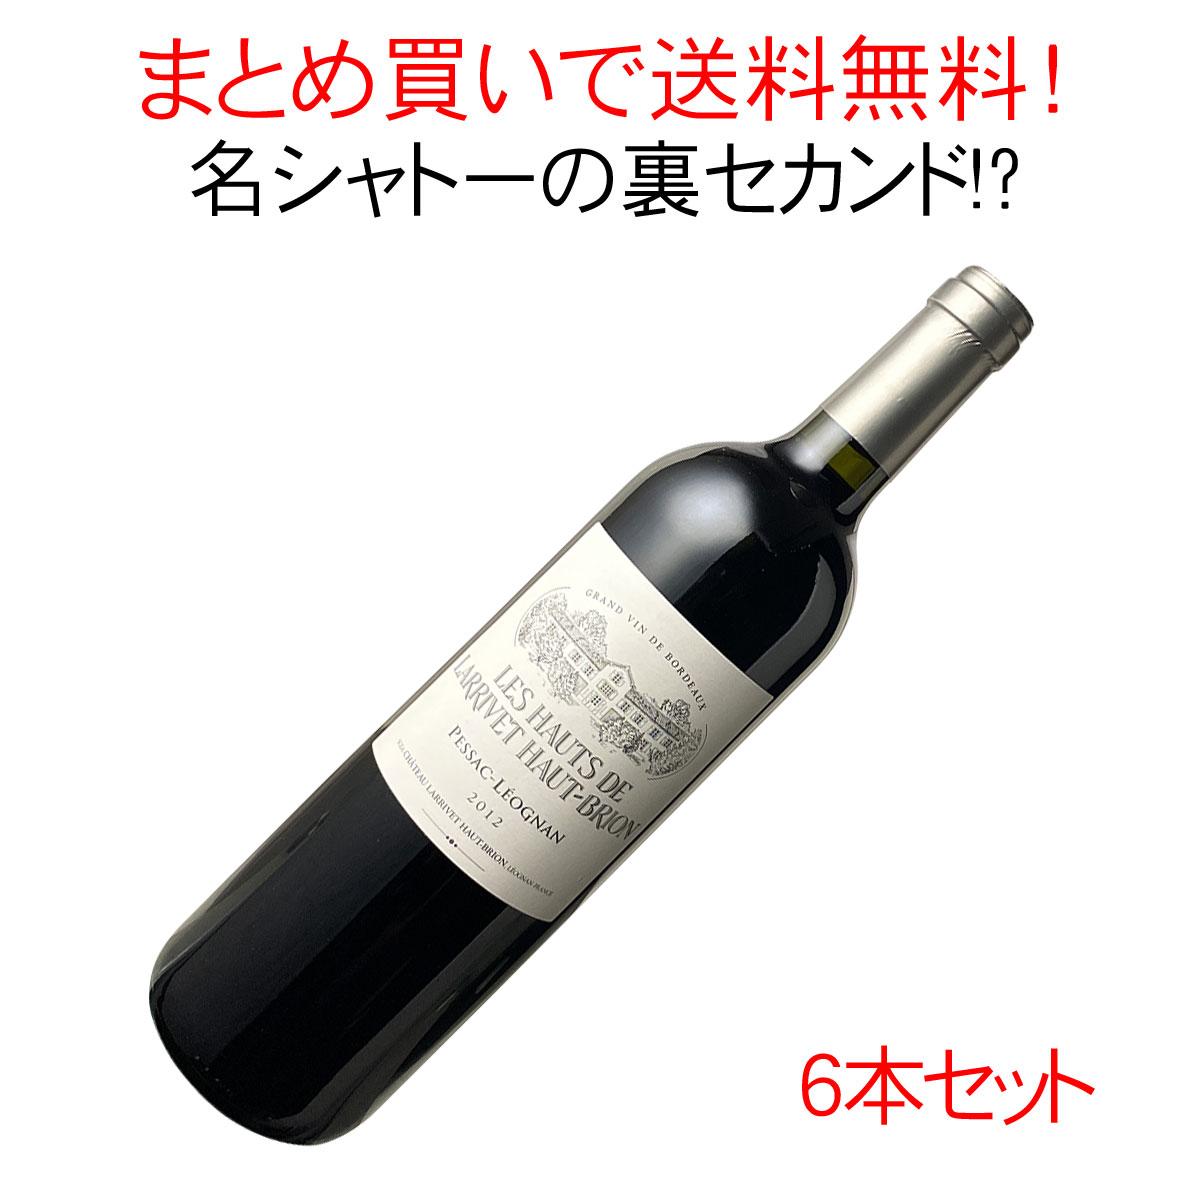 【送料無料】レ・オー・ド・ラリヴェ・オー・ブリオン [2012] 1ケース6本セット <ワイン/ボルドー>